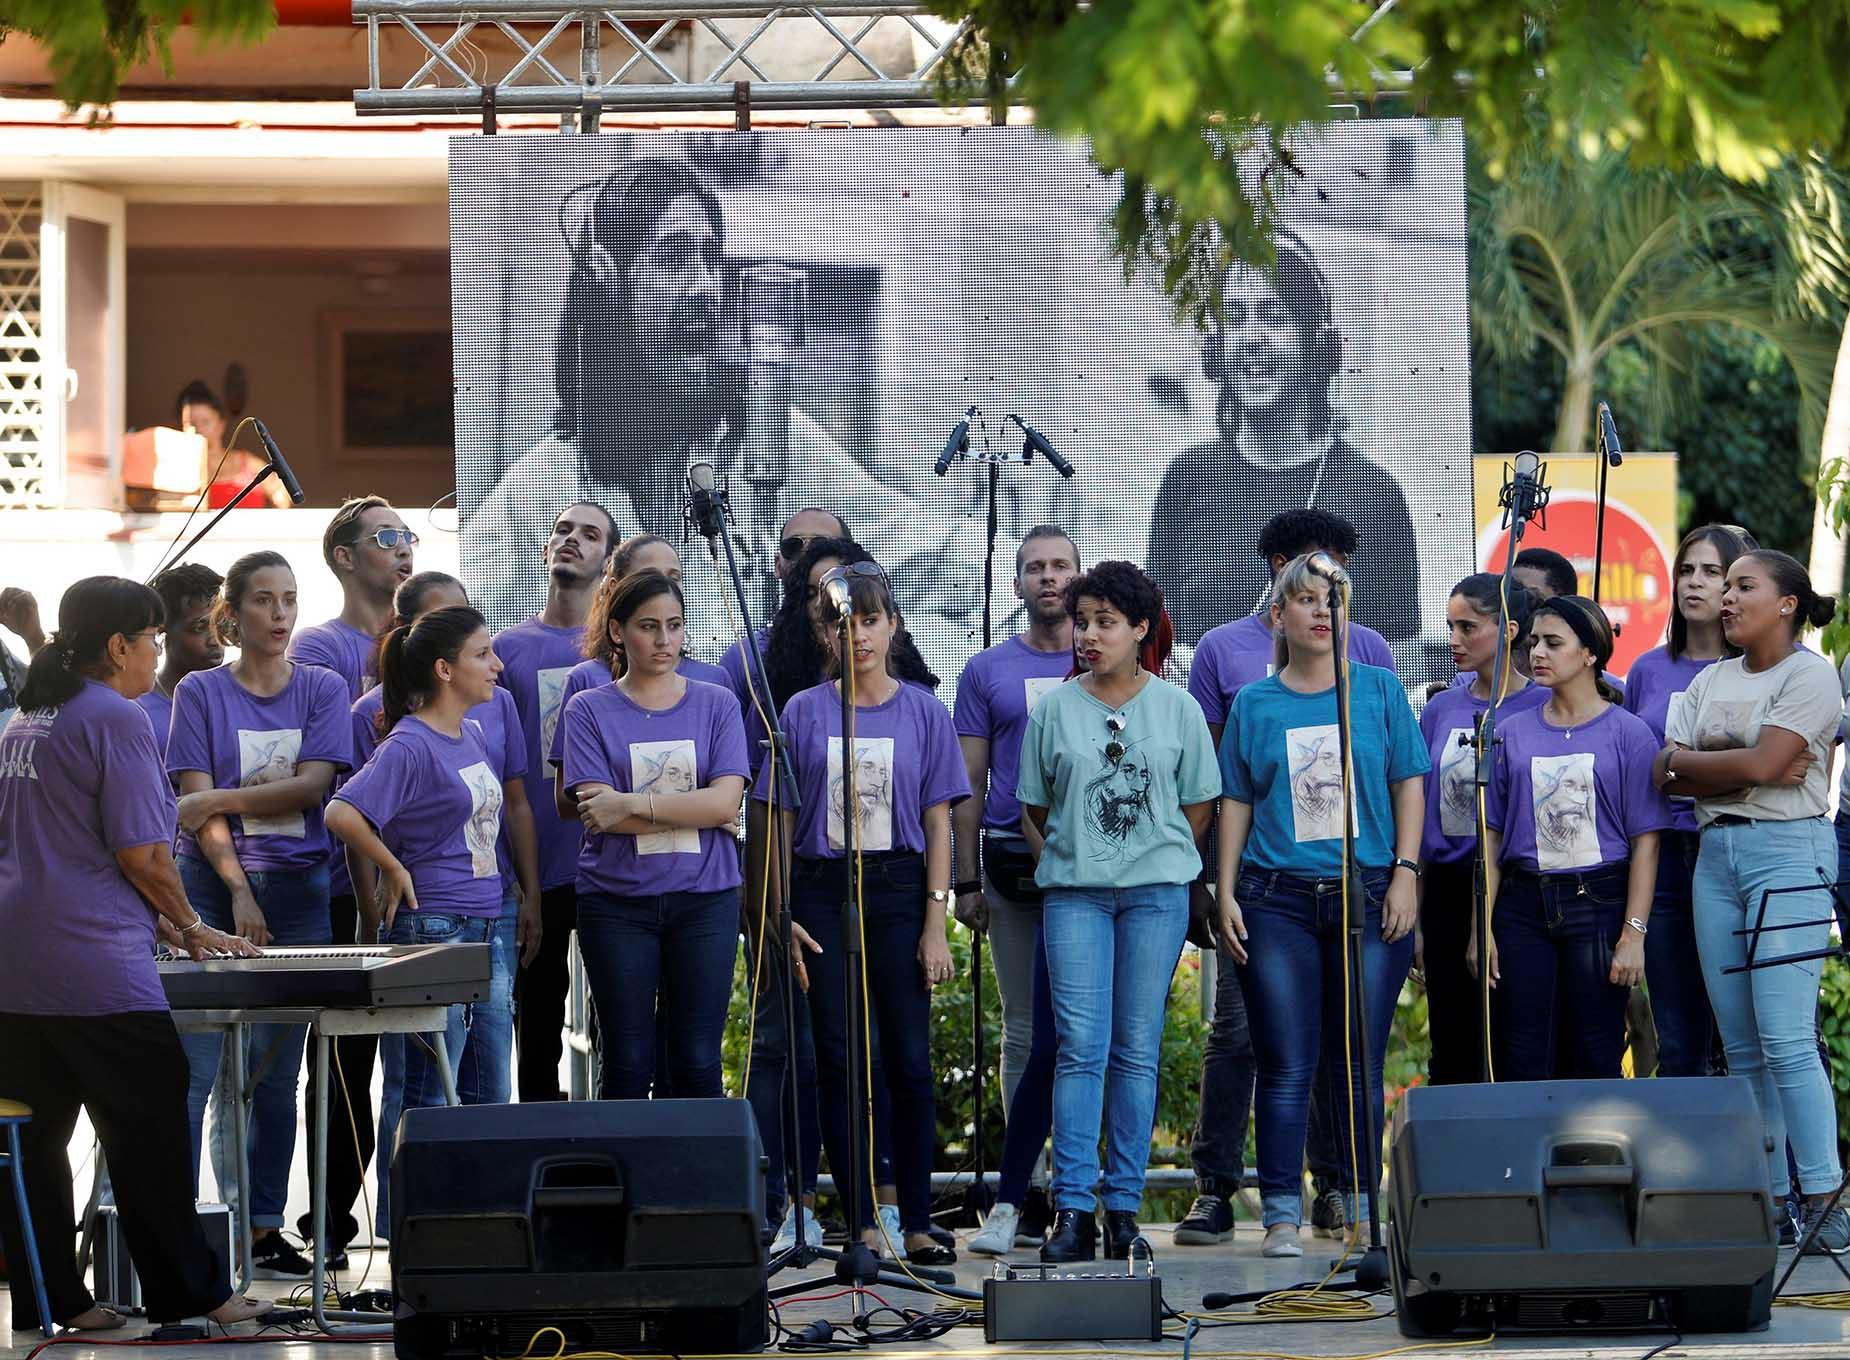 """El Coro Nacional de Cuba interpreta canciones de la banda británica Los Beatles, en la celebración del aniversario 50 de su disco """"Abbey Road"""" en La Habana, el 26 de septiembre de 2019. Foto: Yander Zamora / EFE."""